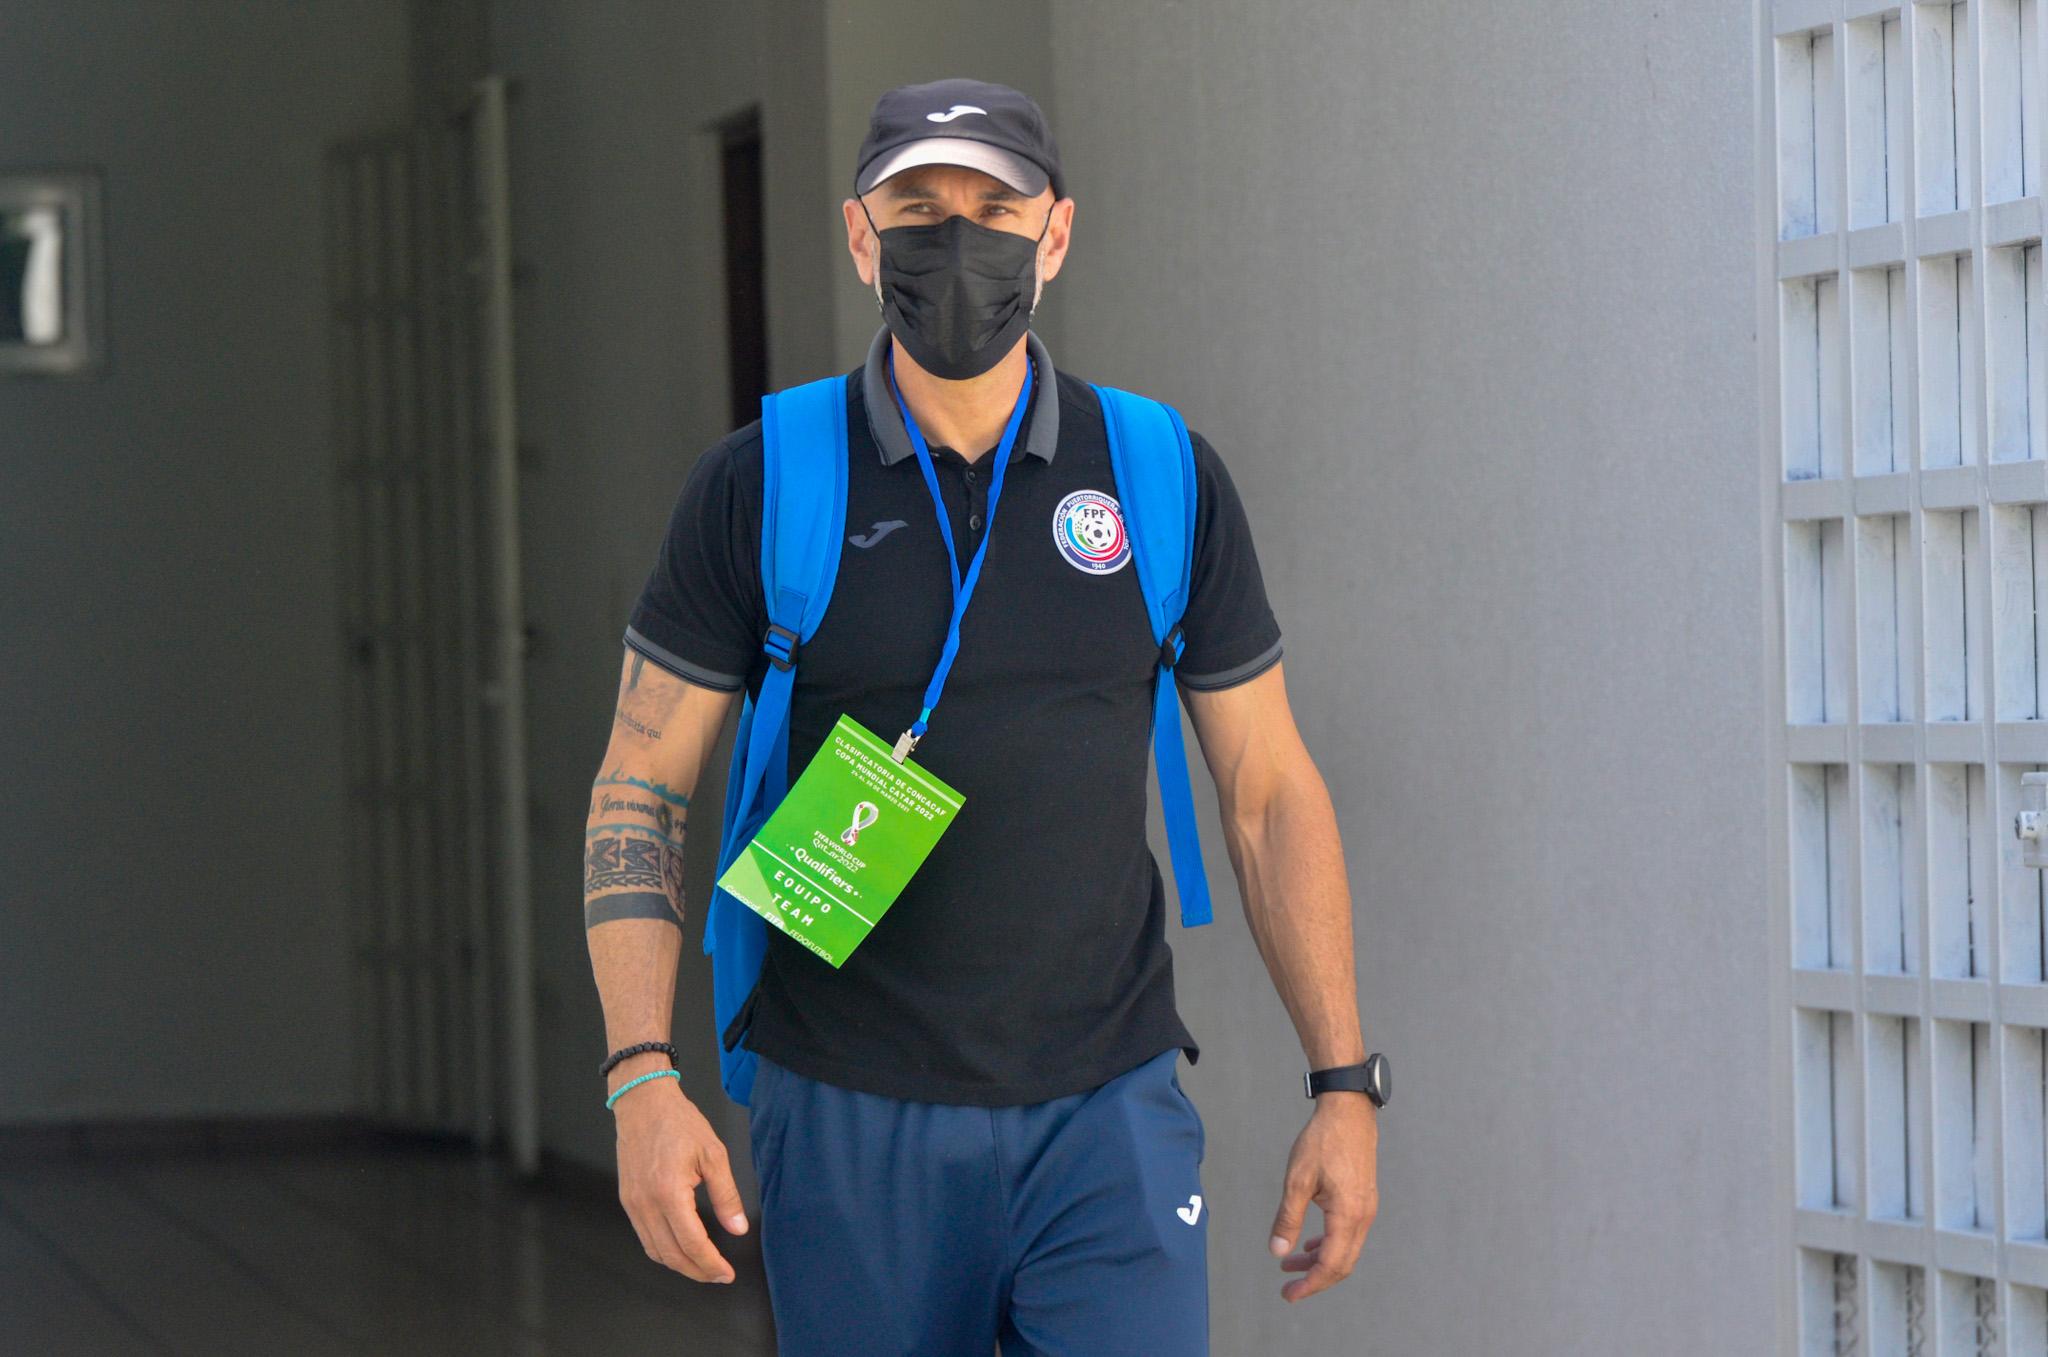 Federación Puertorriqueña de Fútbol enaltece labor de Andrés Mirabelli